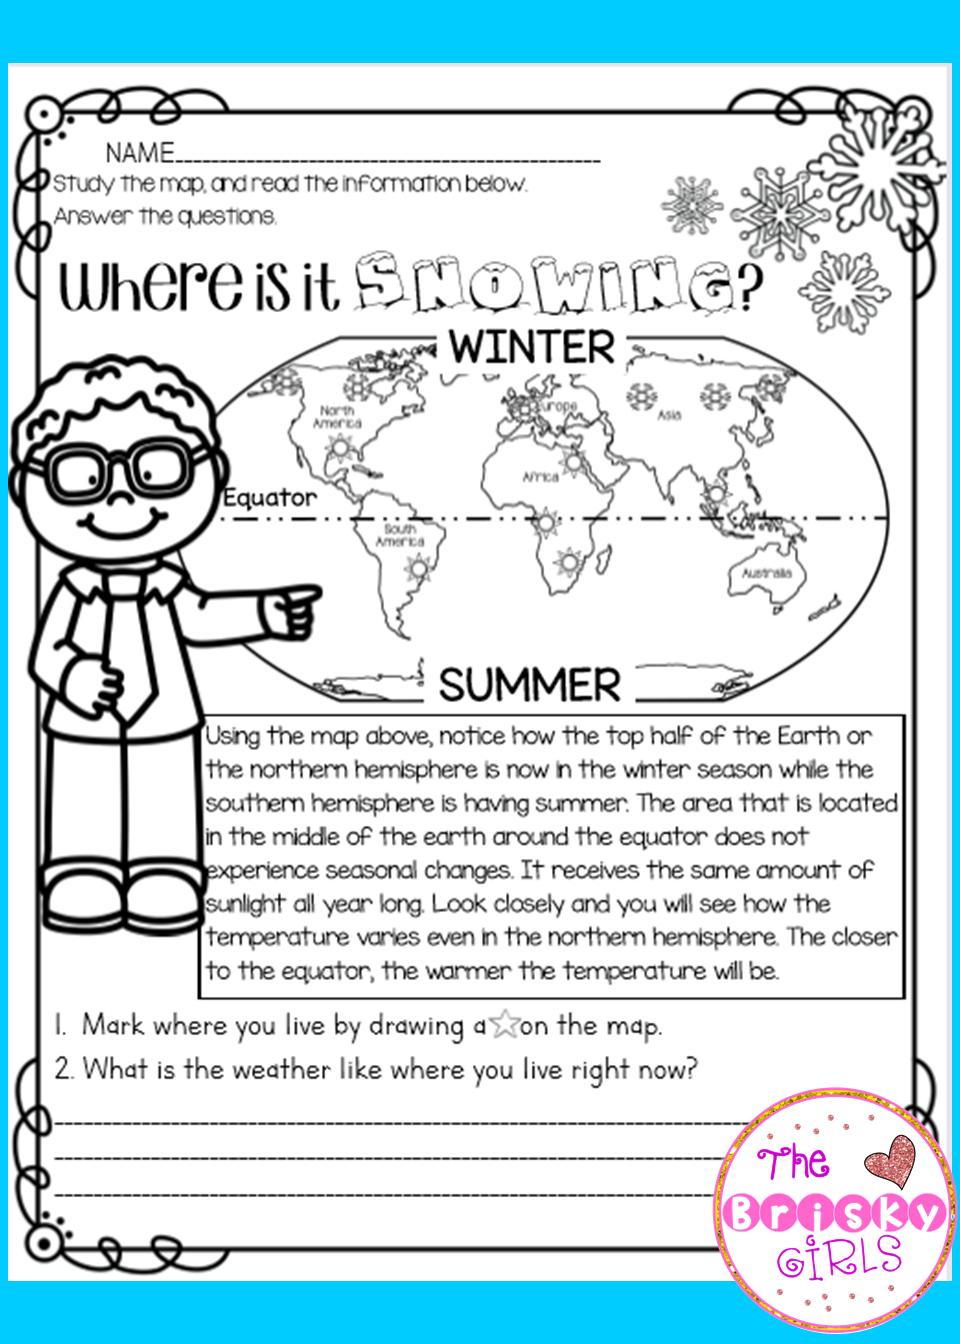 Winter Weather Activities Winter Science Activities Reading Passages Winter Science [ 1344 x 960 Pixel ]